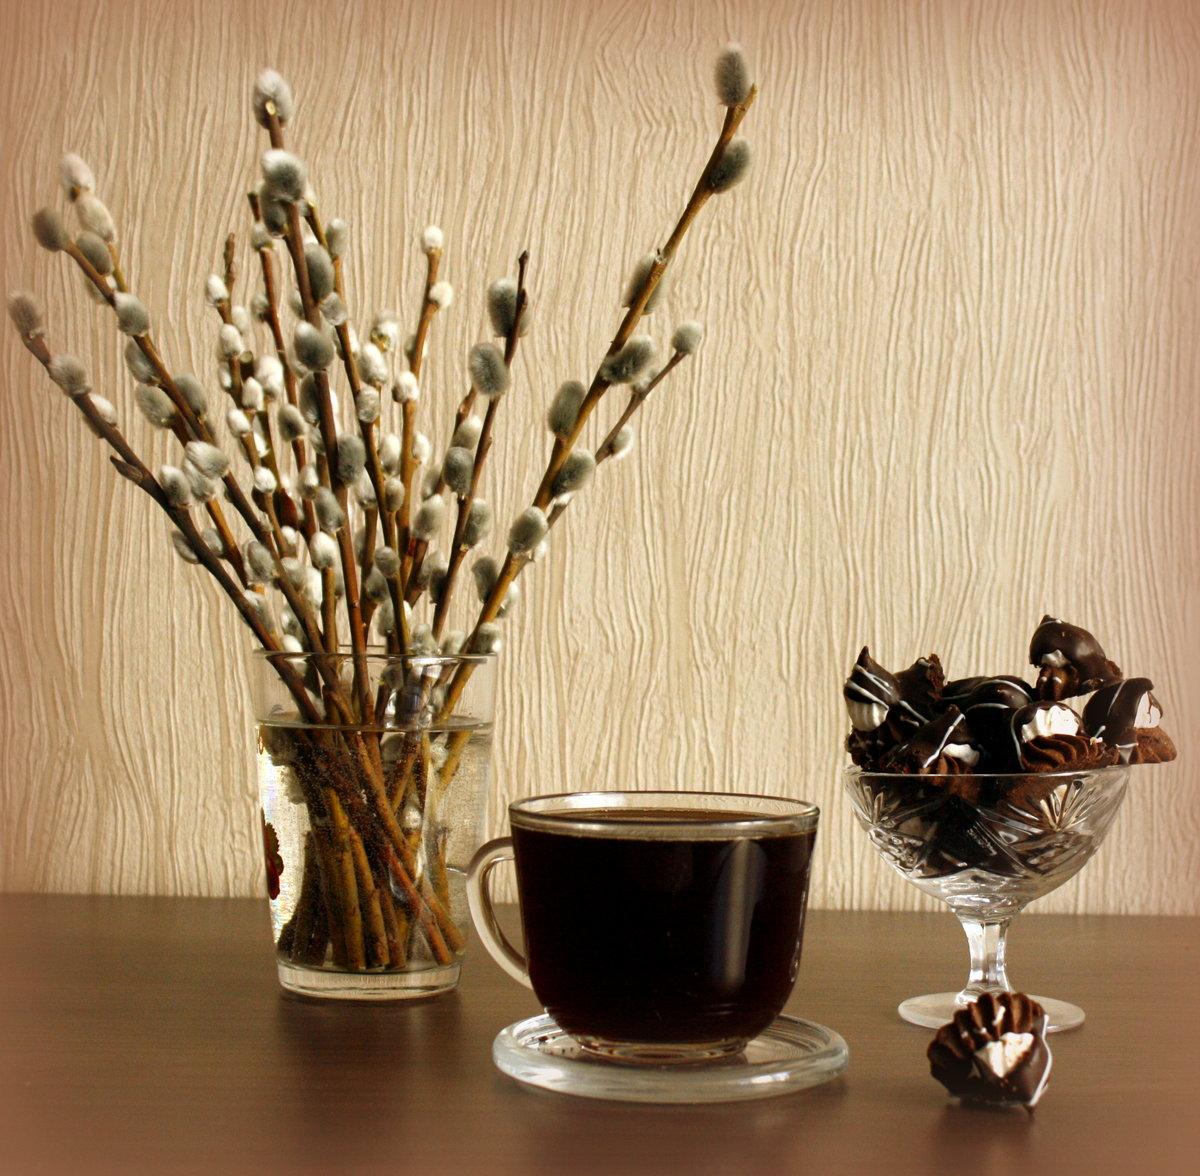 натюрморт чай верба фото способствуют